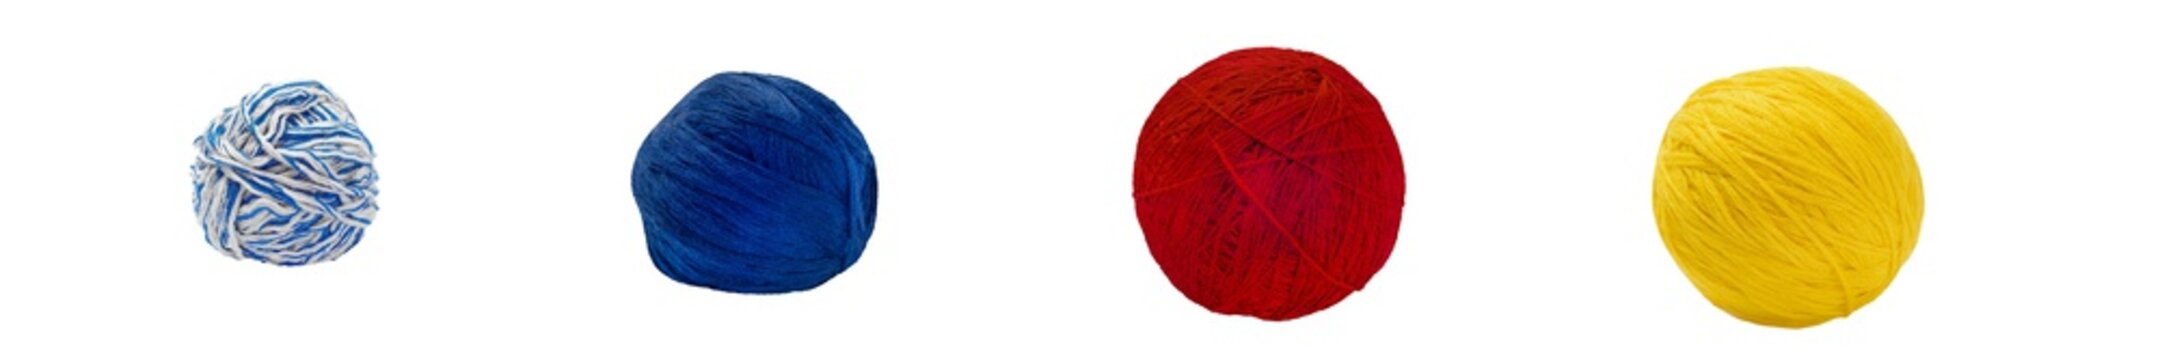 Yarn Balls Set. Isolated on White Background.